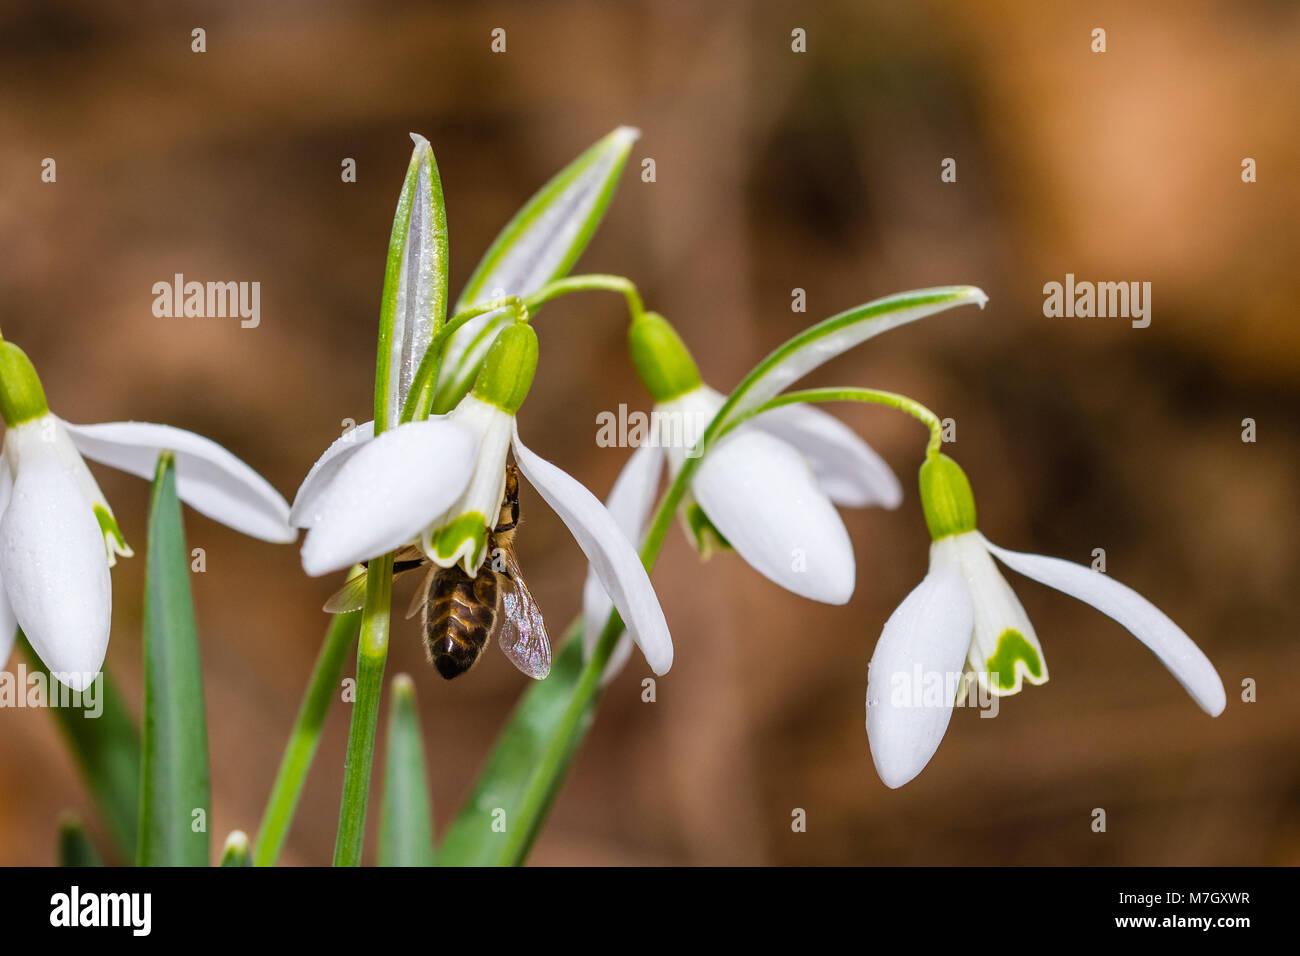 Pequeña flor snowdrop común a principios de la primavera con el interior de la abeja. Gota de agua sobre una pétalos Foto de stock